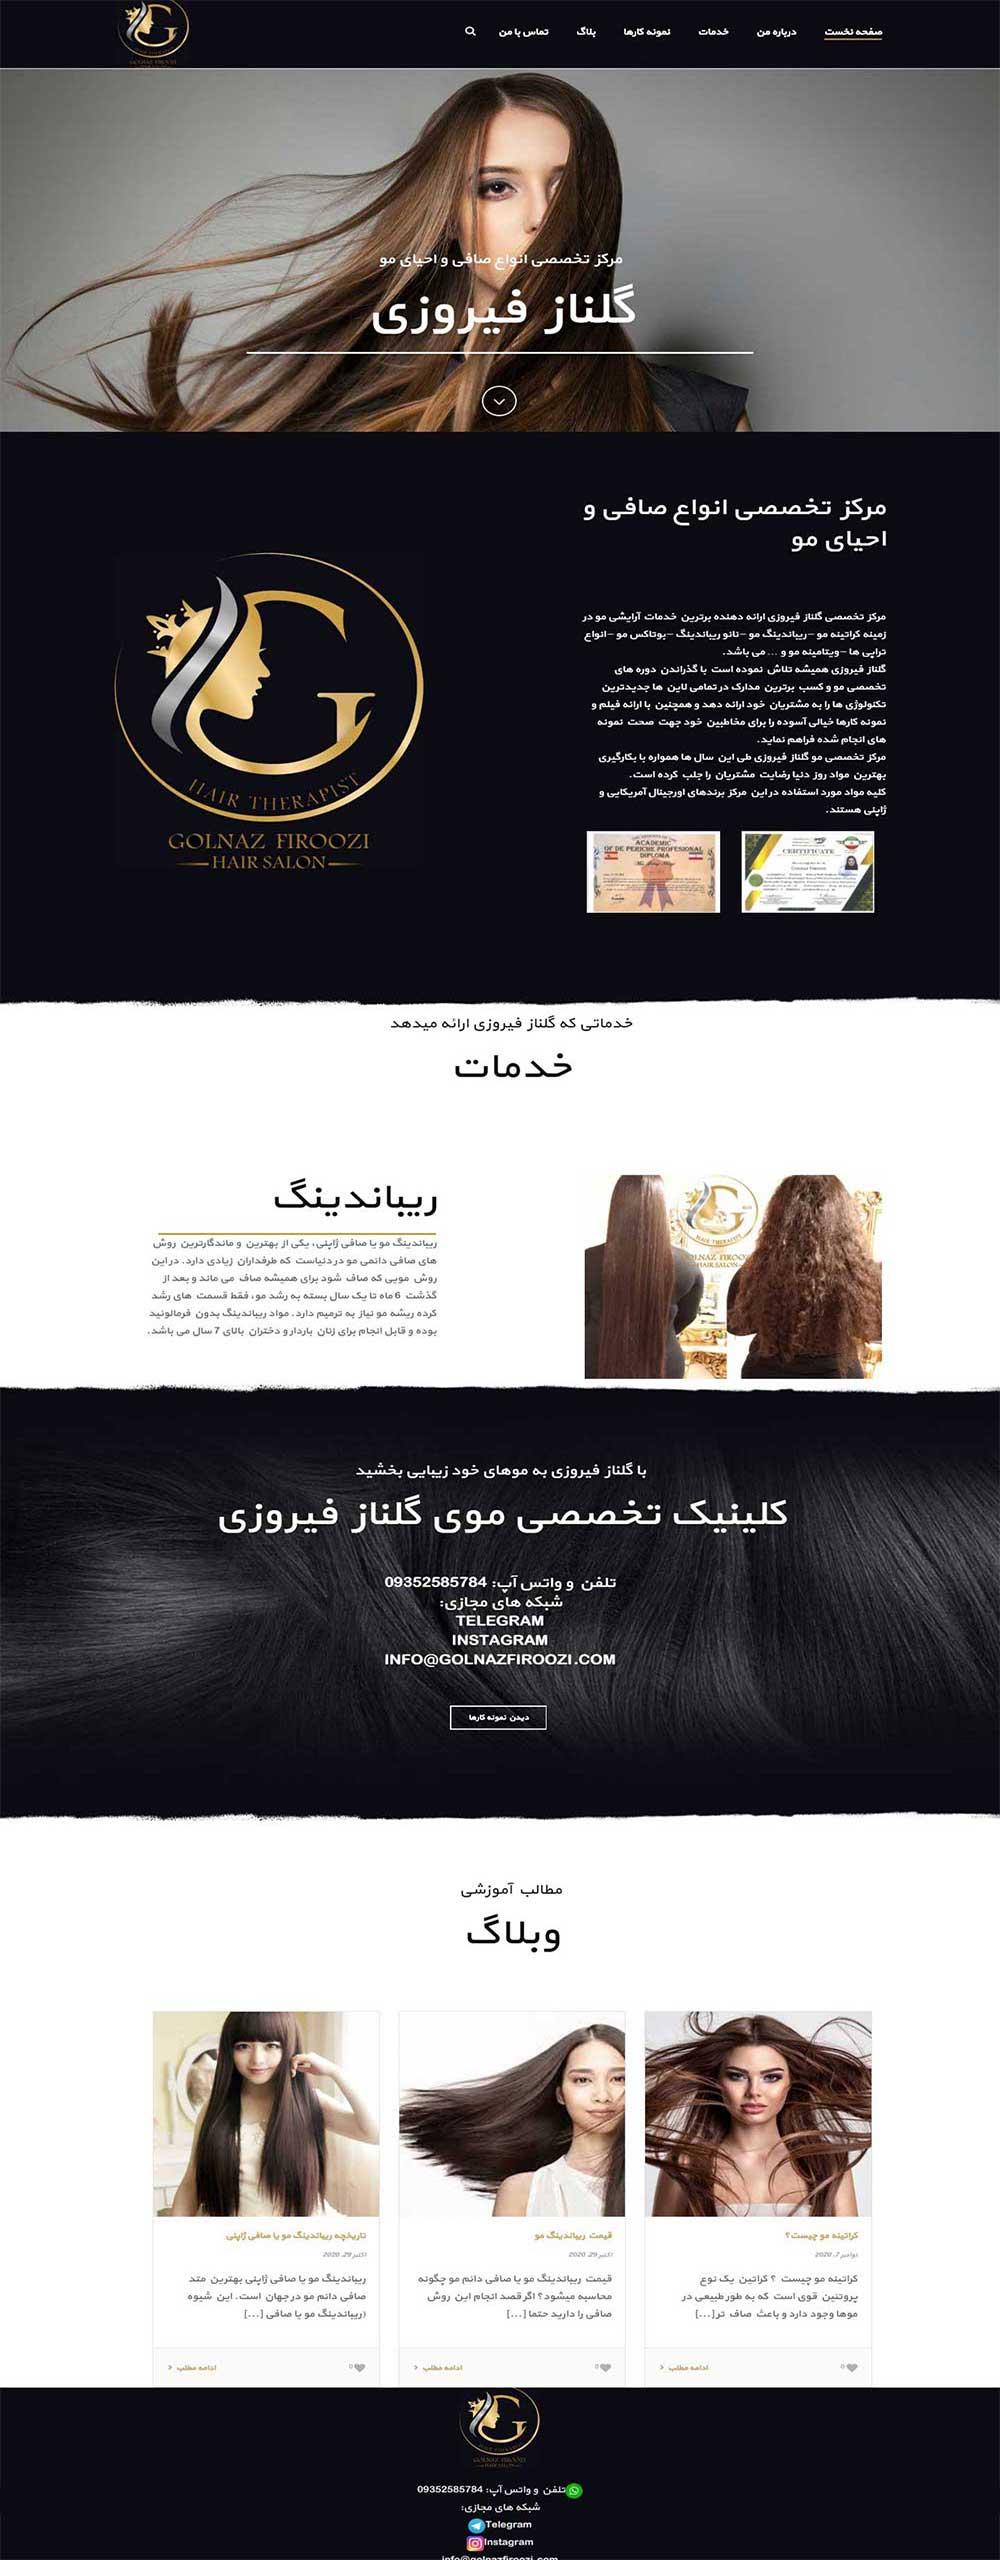 طراحی سایت آرایشگاهی